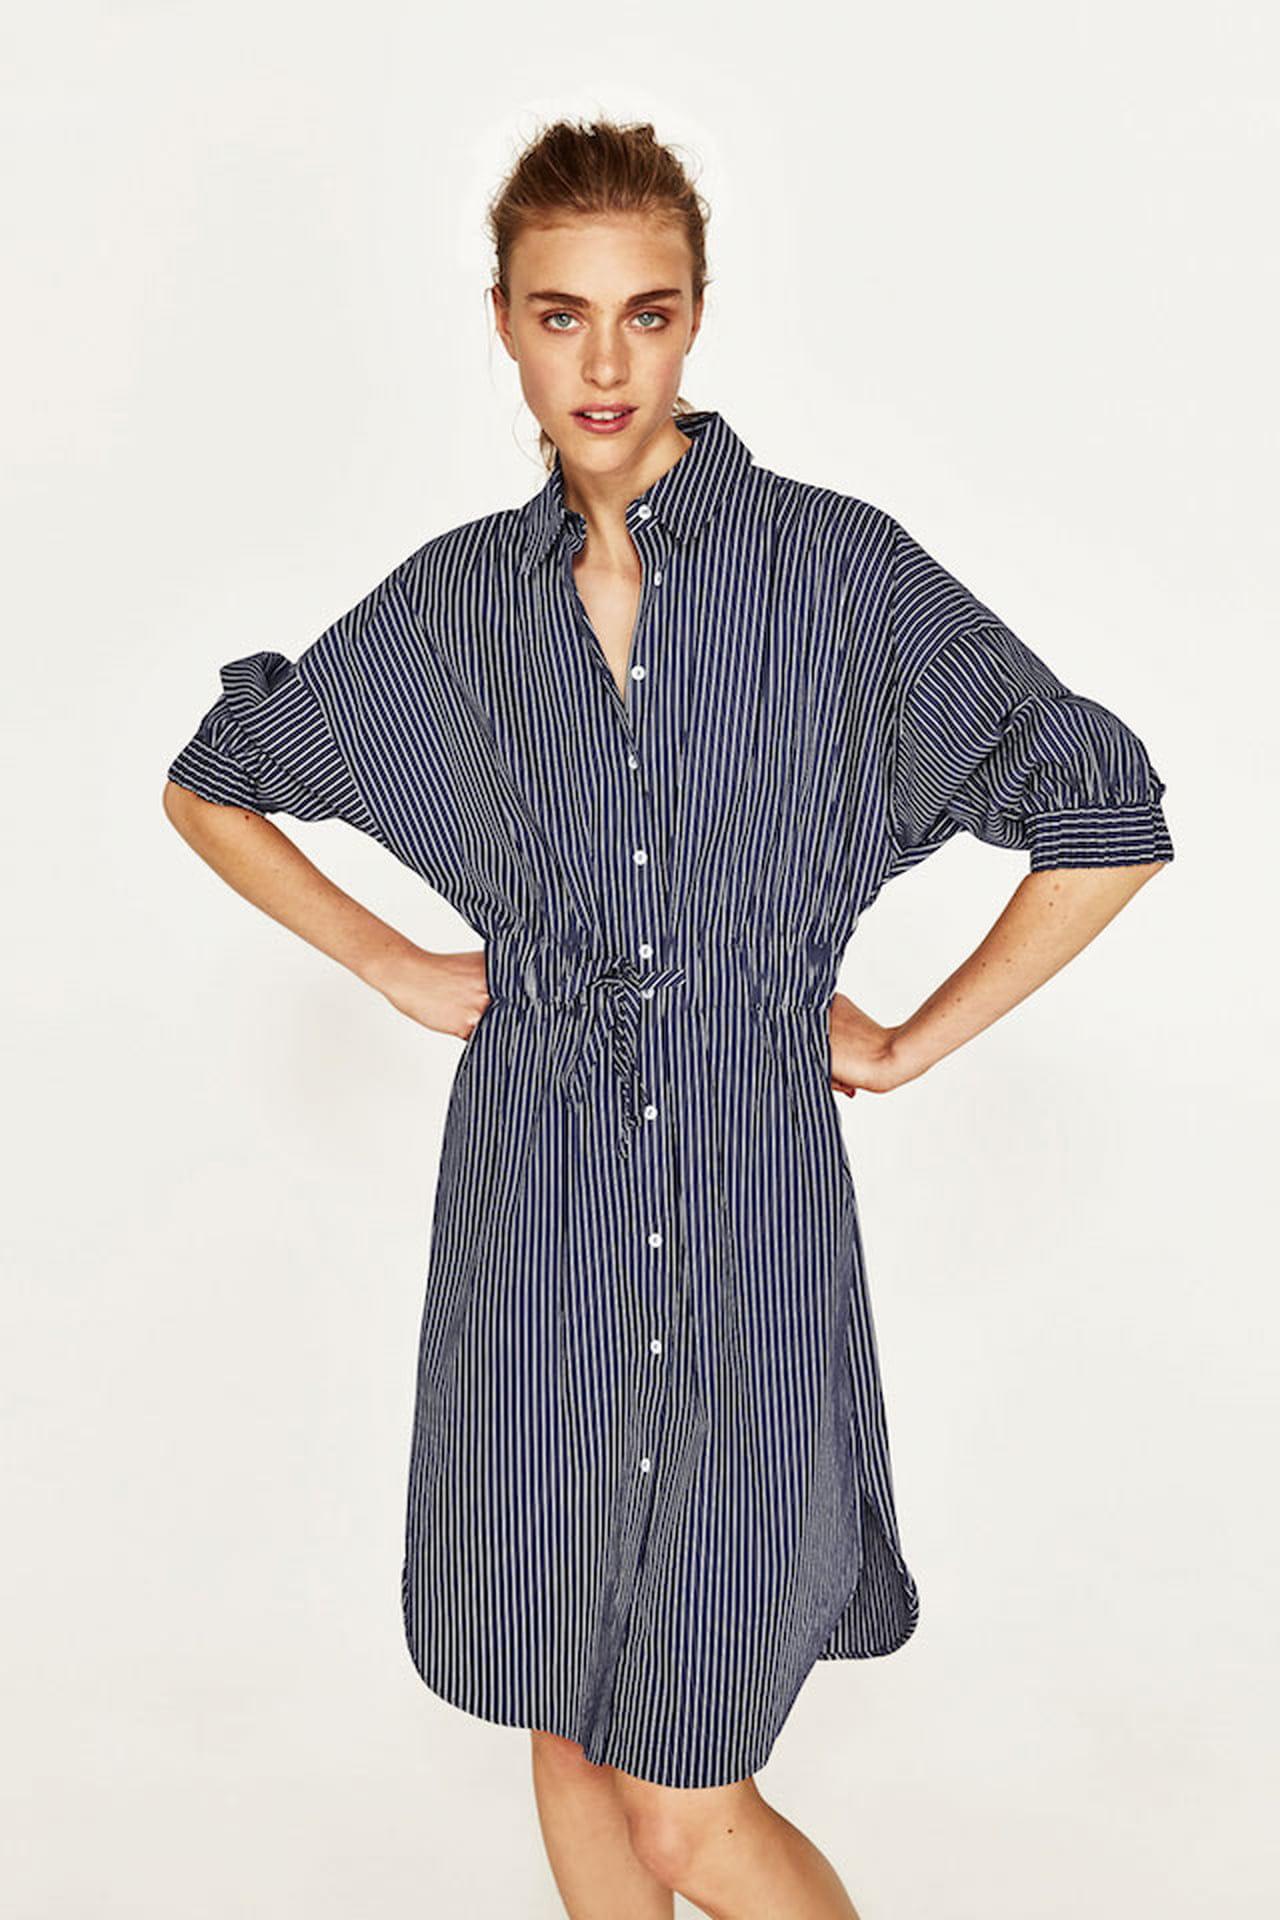 2594da403bc4f La tunica chemisier di Zara è un classico tra i vestiti estivi e s indossa  sia al mare che in città. © Zara